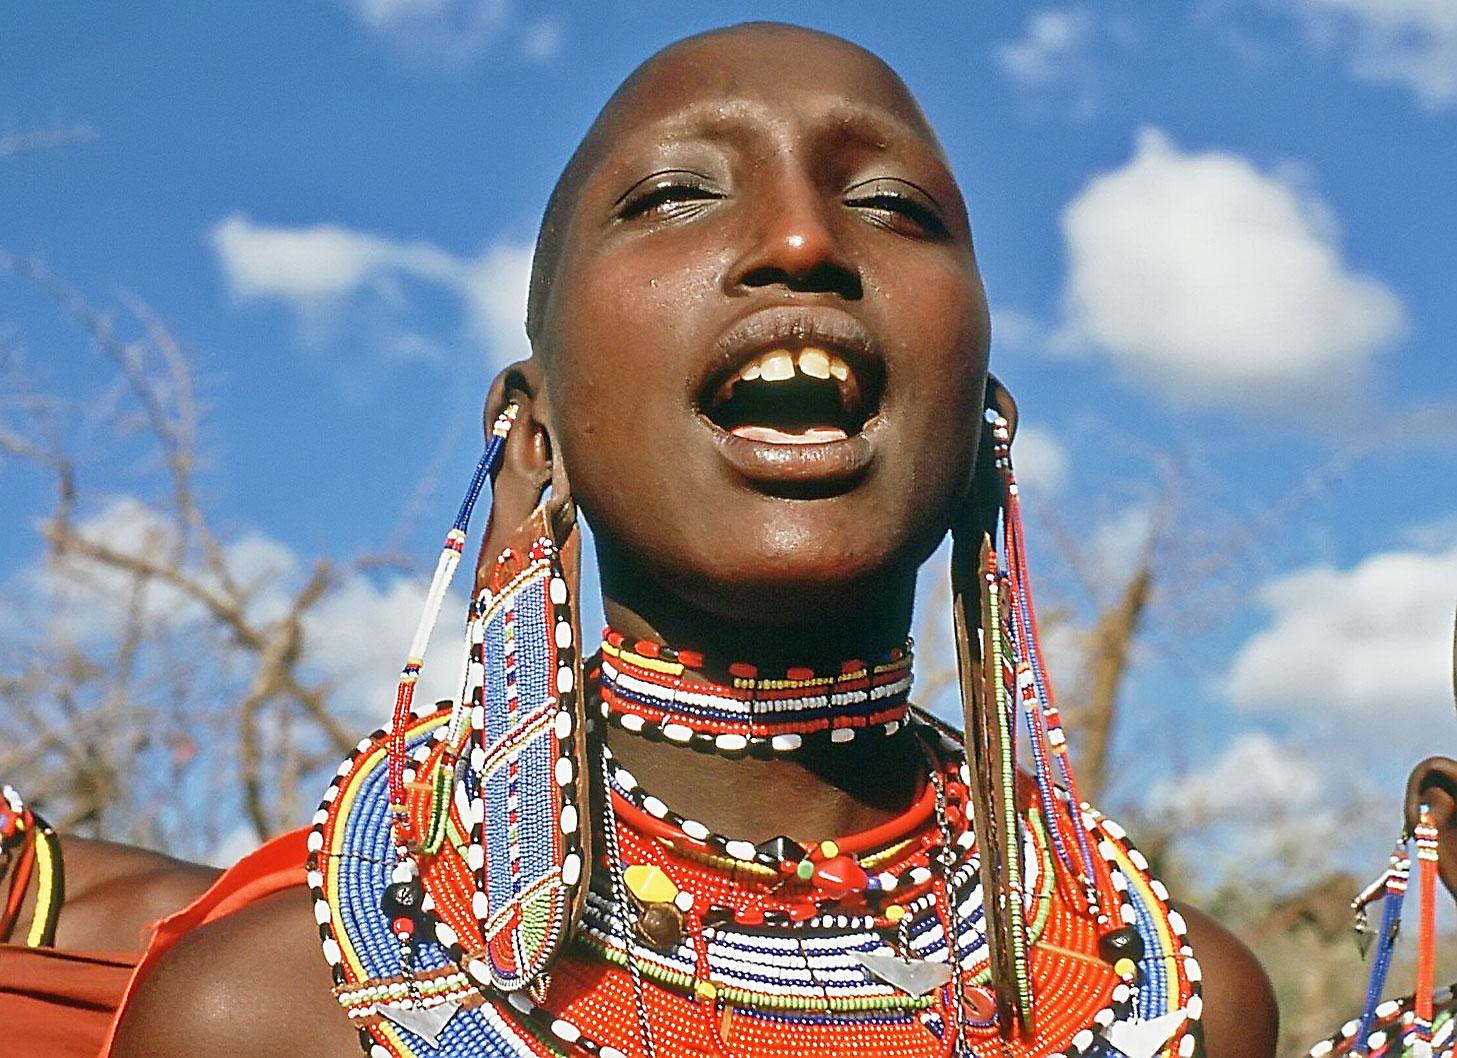 Masai sex video nackt videos